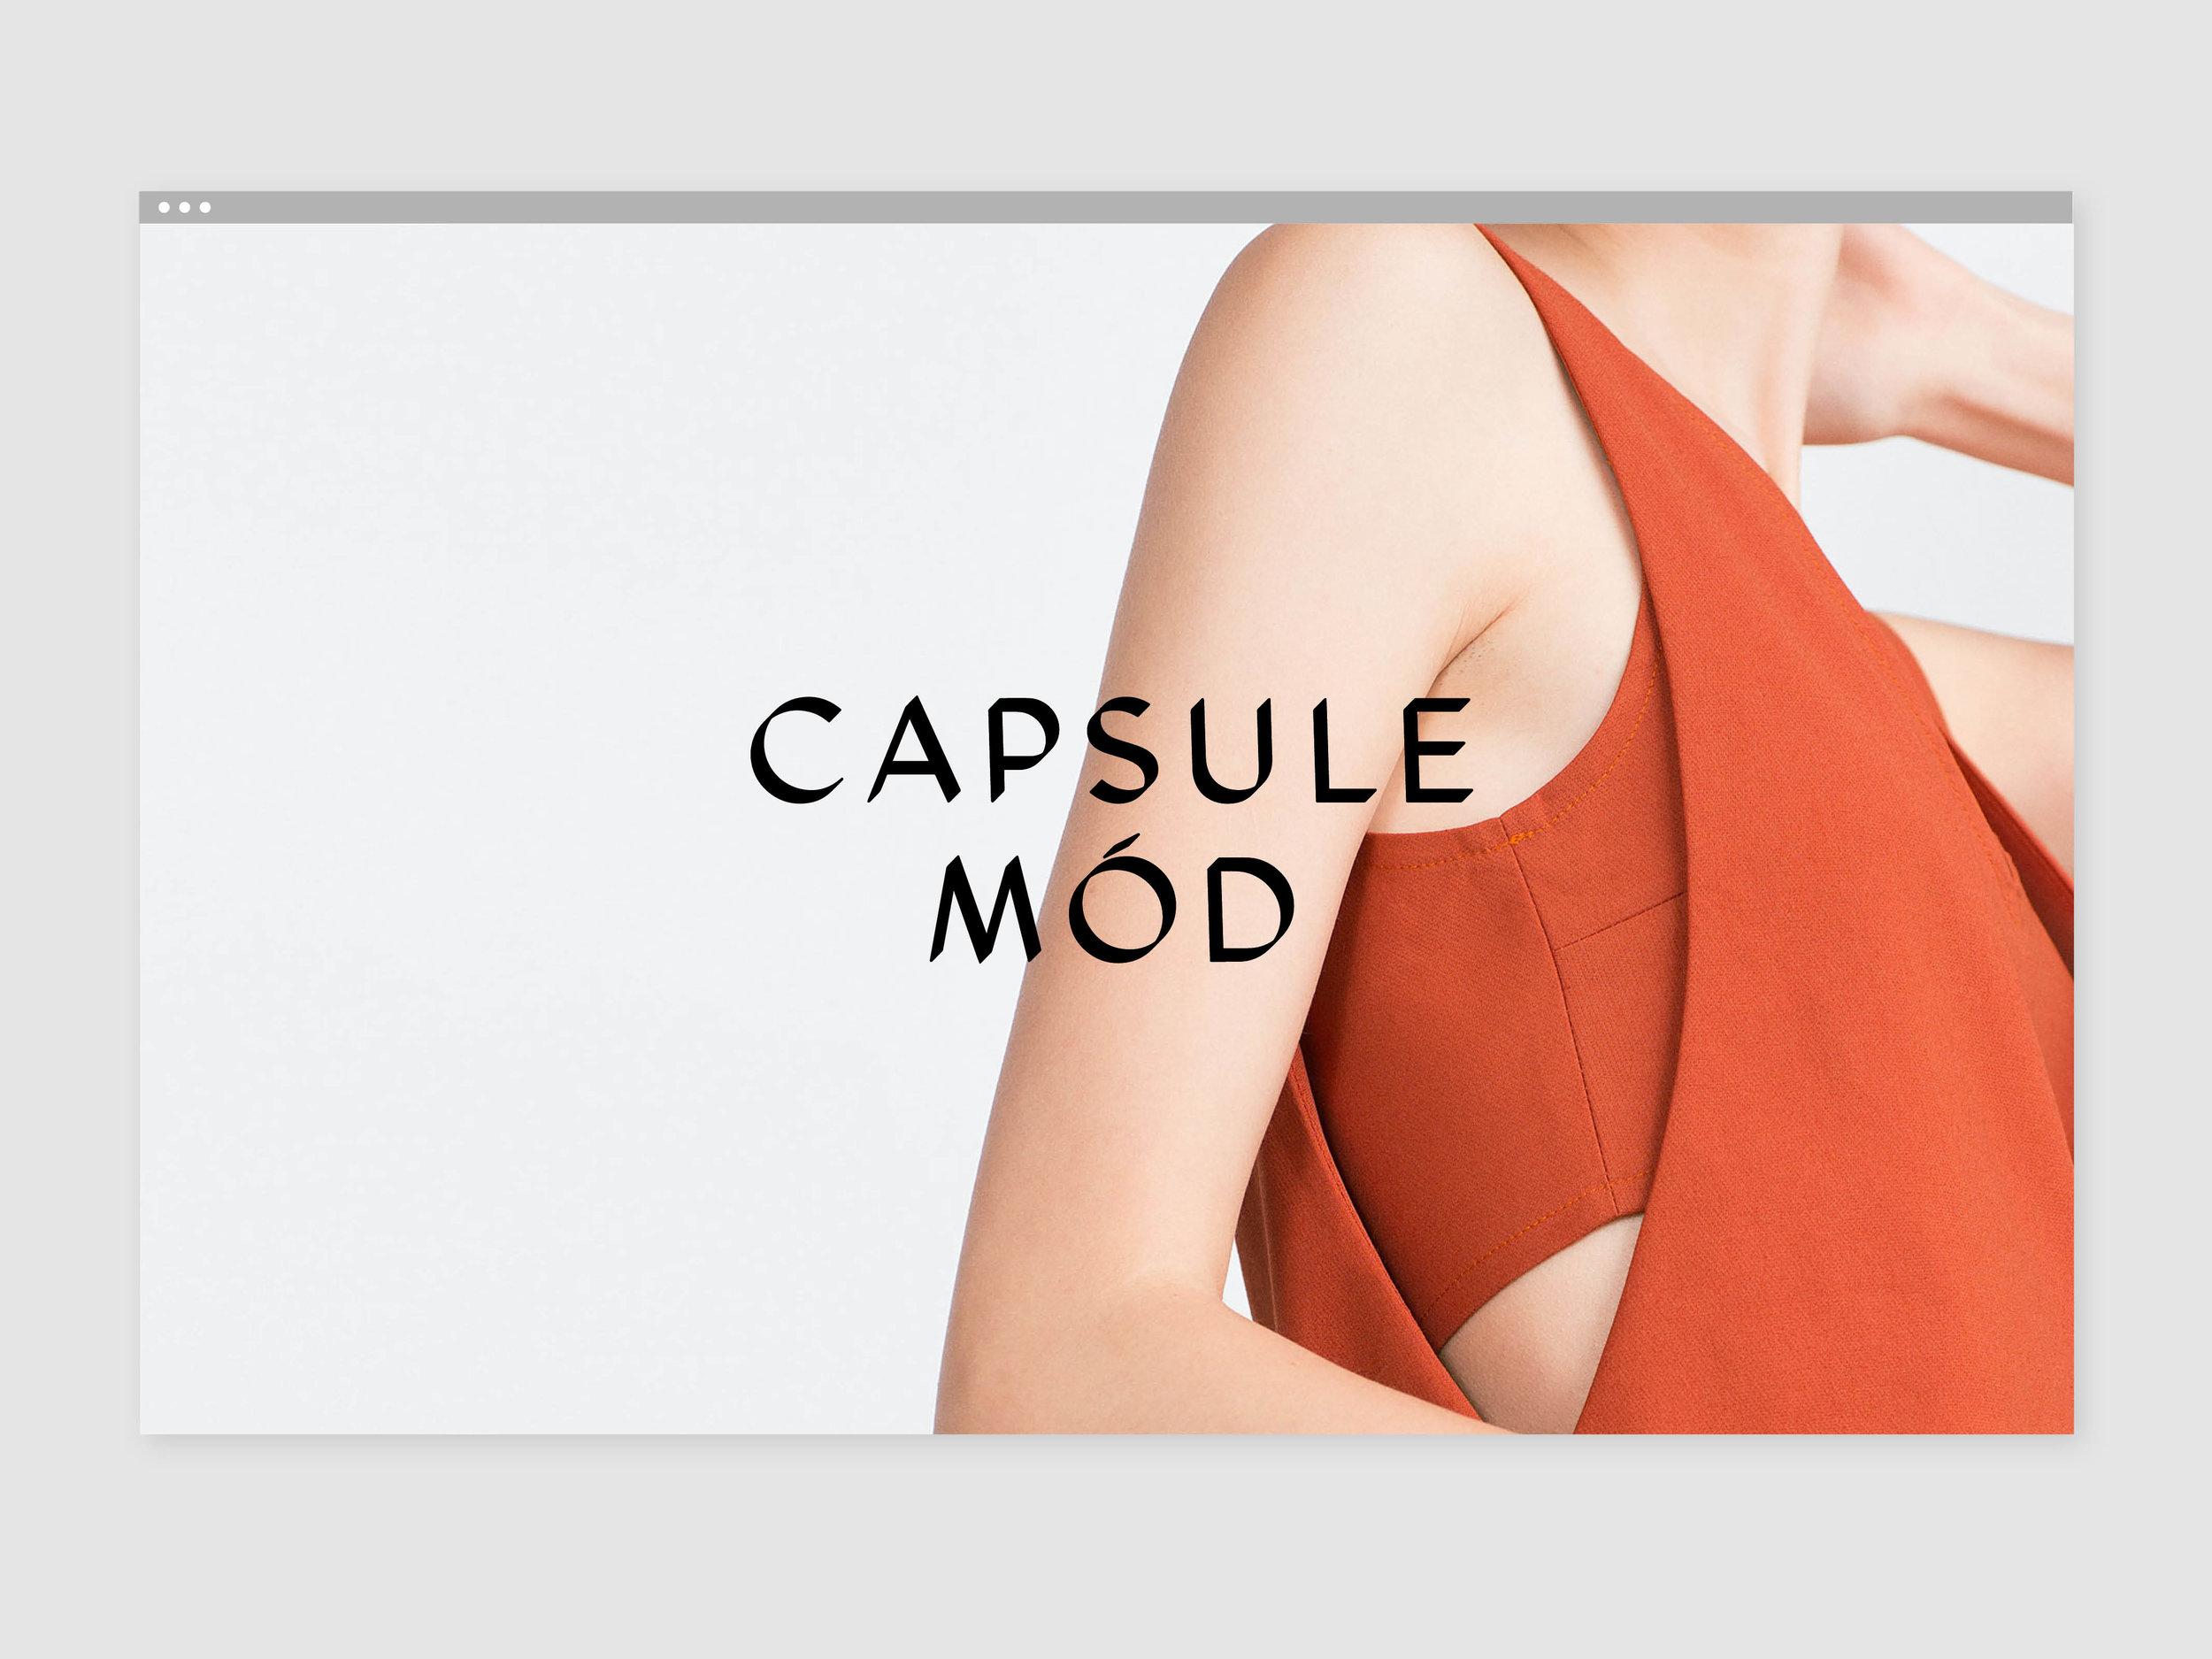 Capsule_Mod_Wardrobe_Fashion_Capsule Wardrobe_Web Design_1